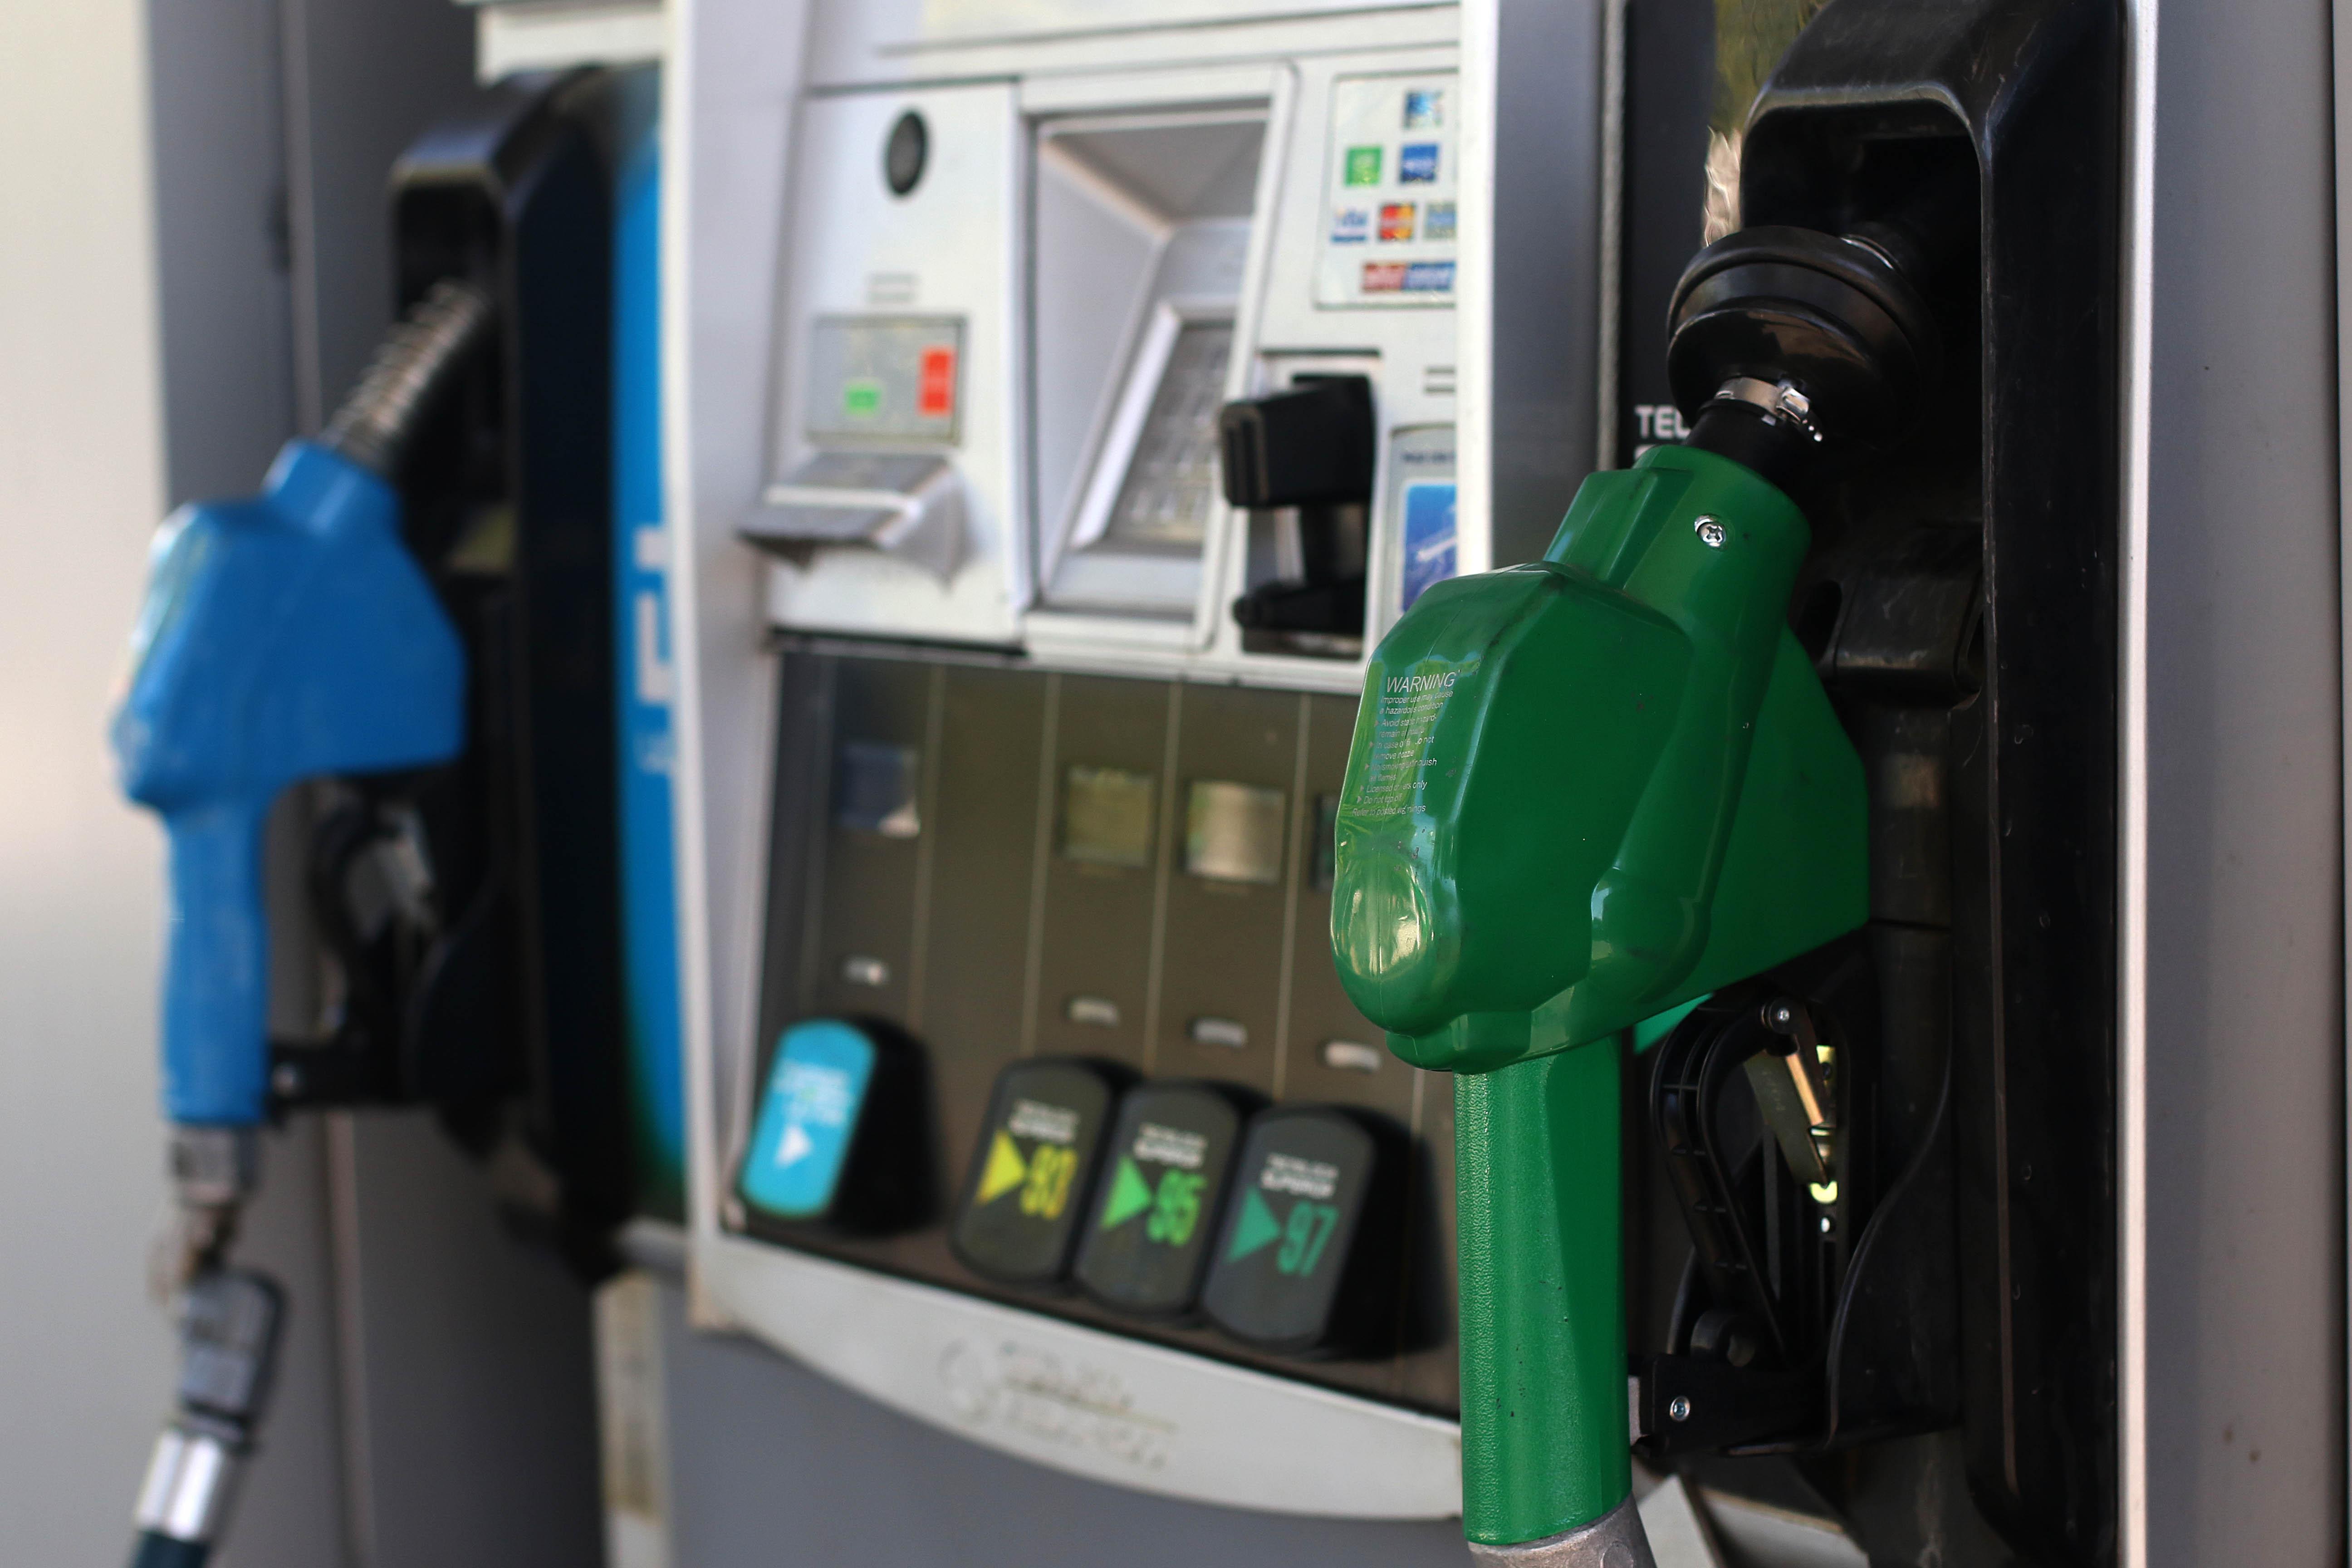 Parafina y gasolinas subirán de precio desde este jueves